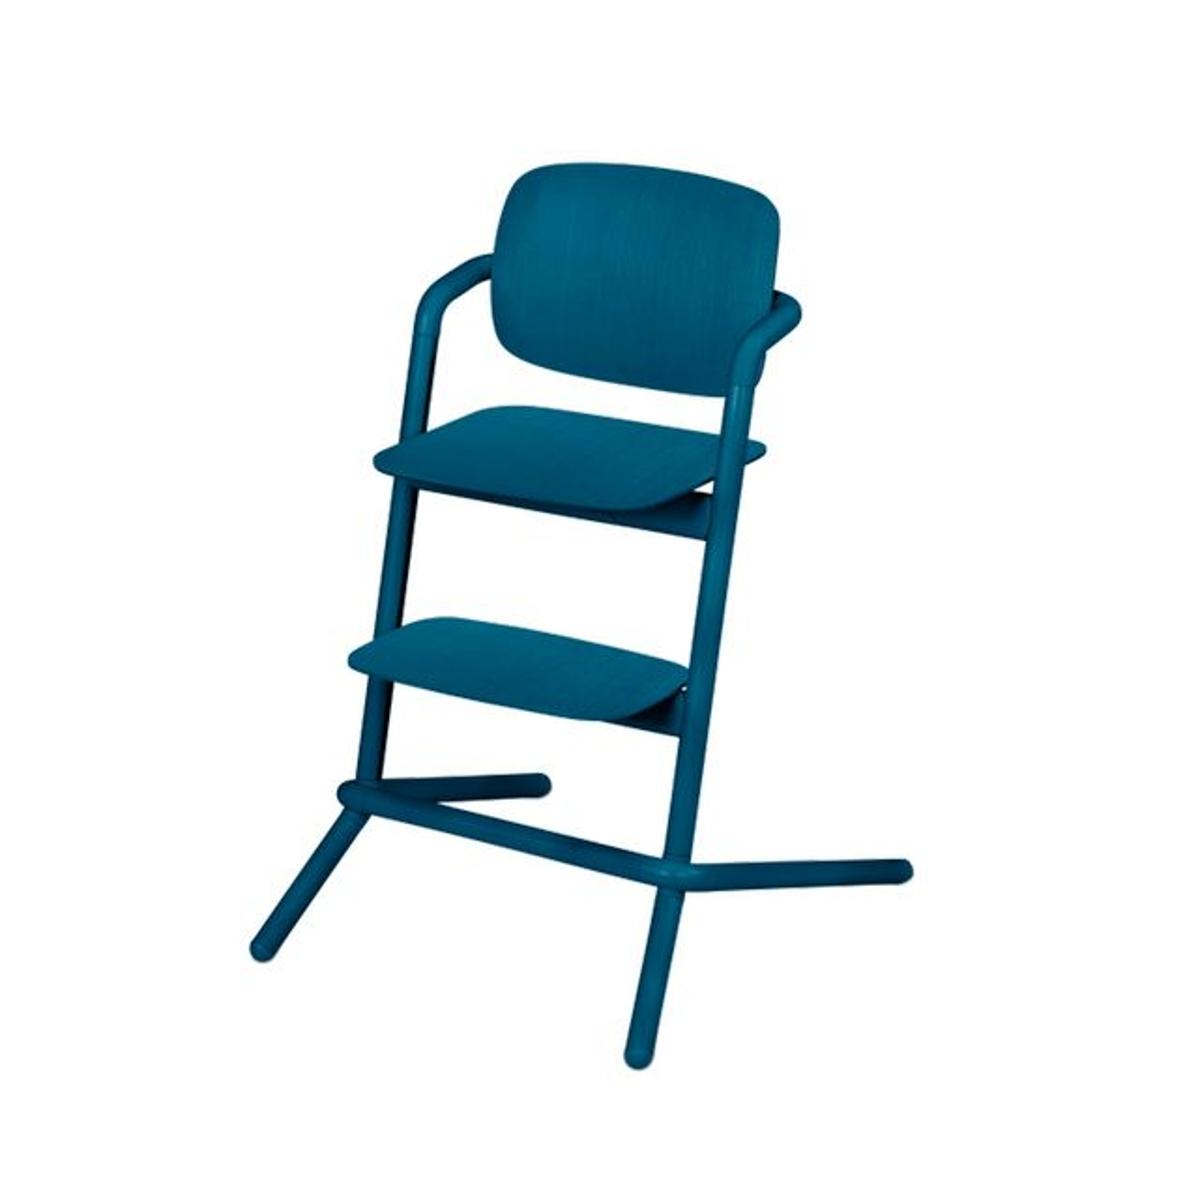 Chaise haute bois Lemo twilight blue